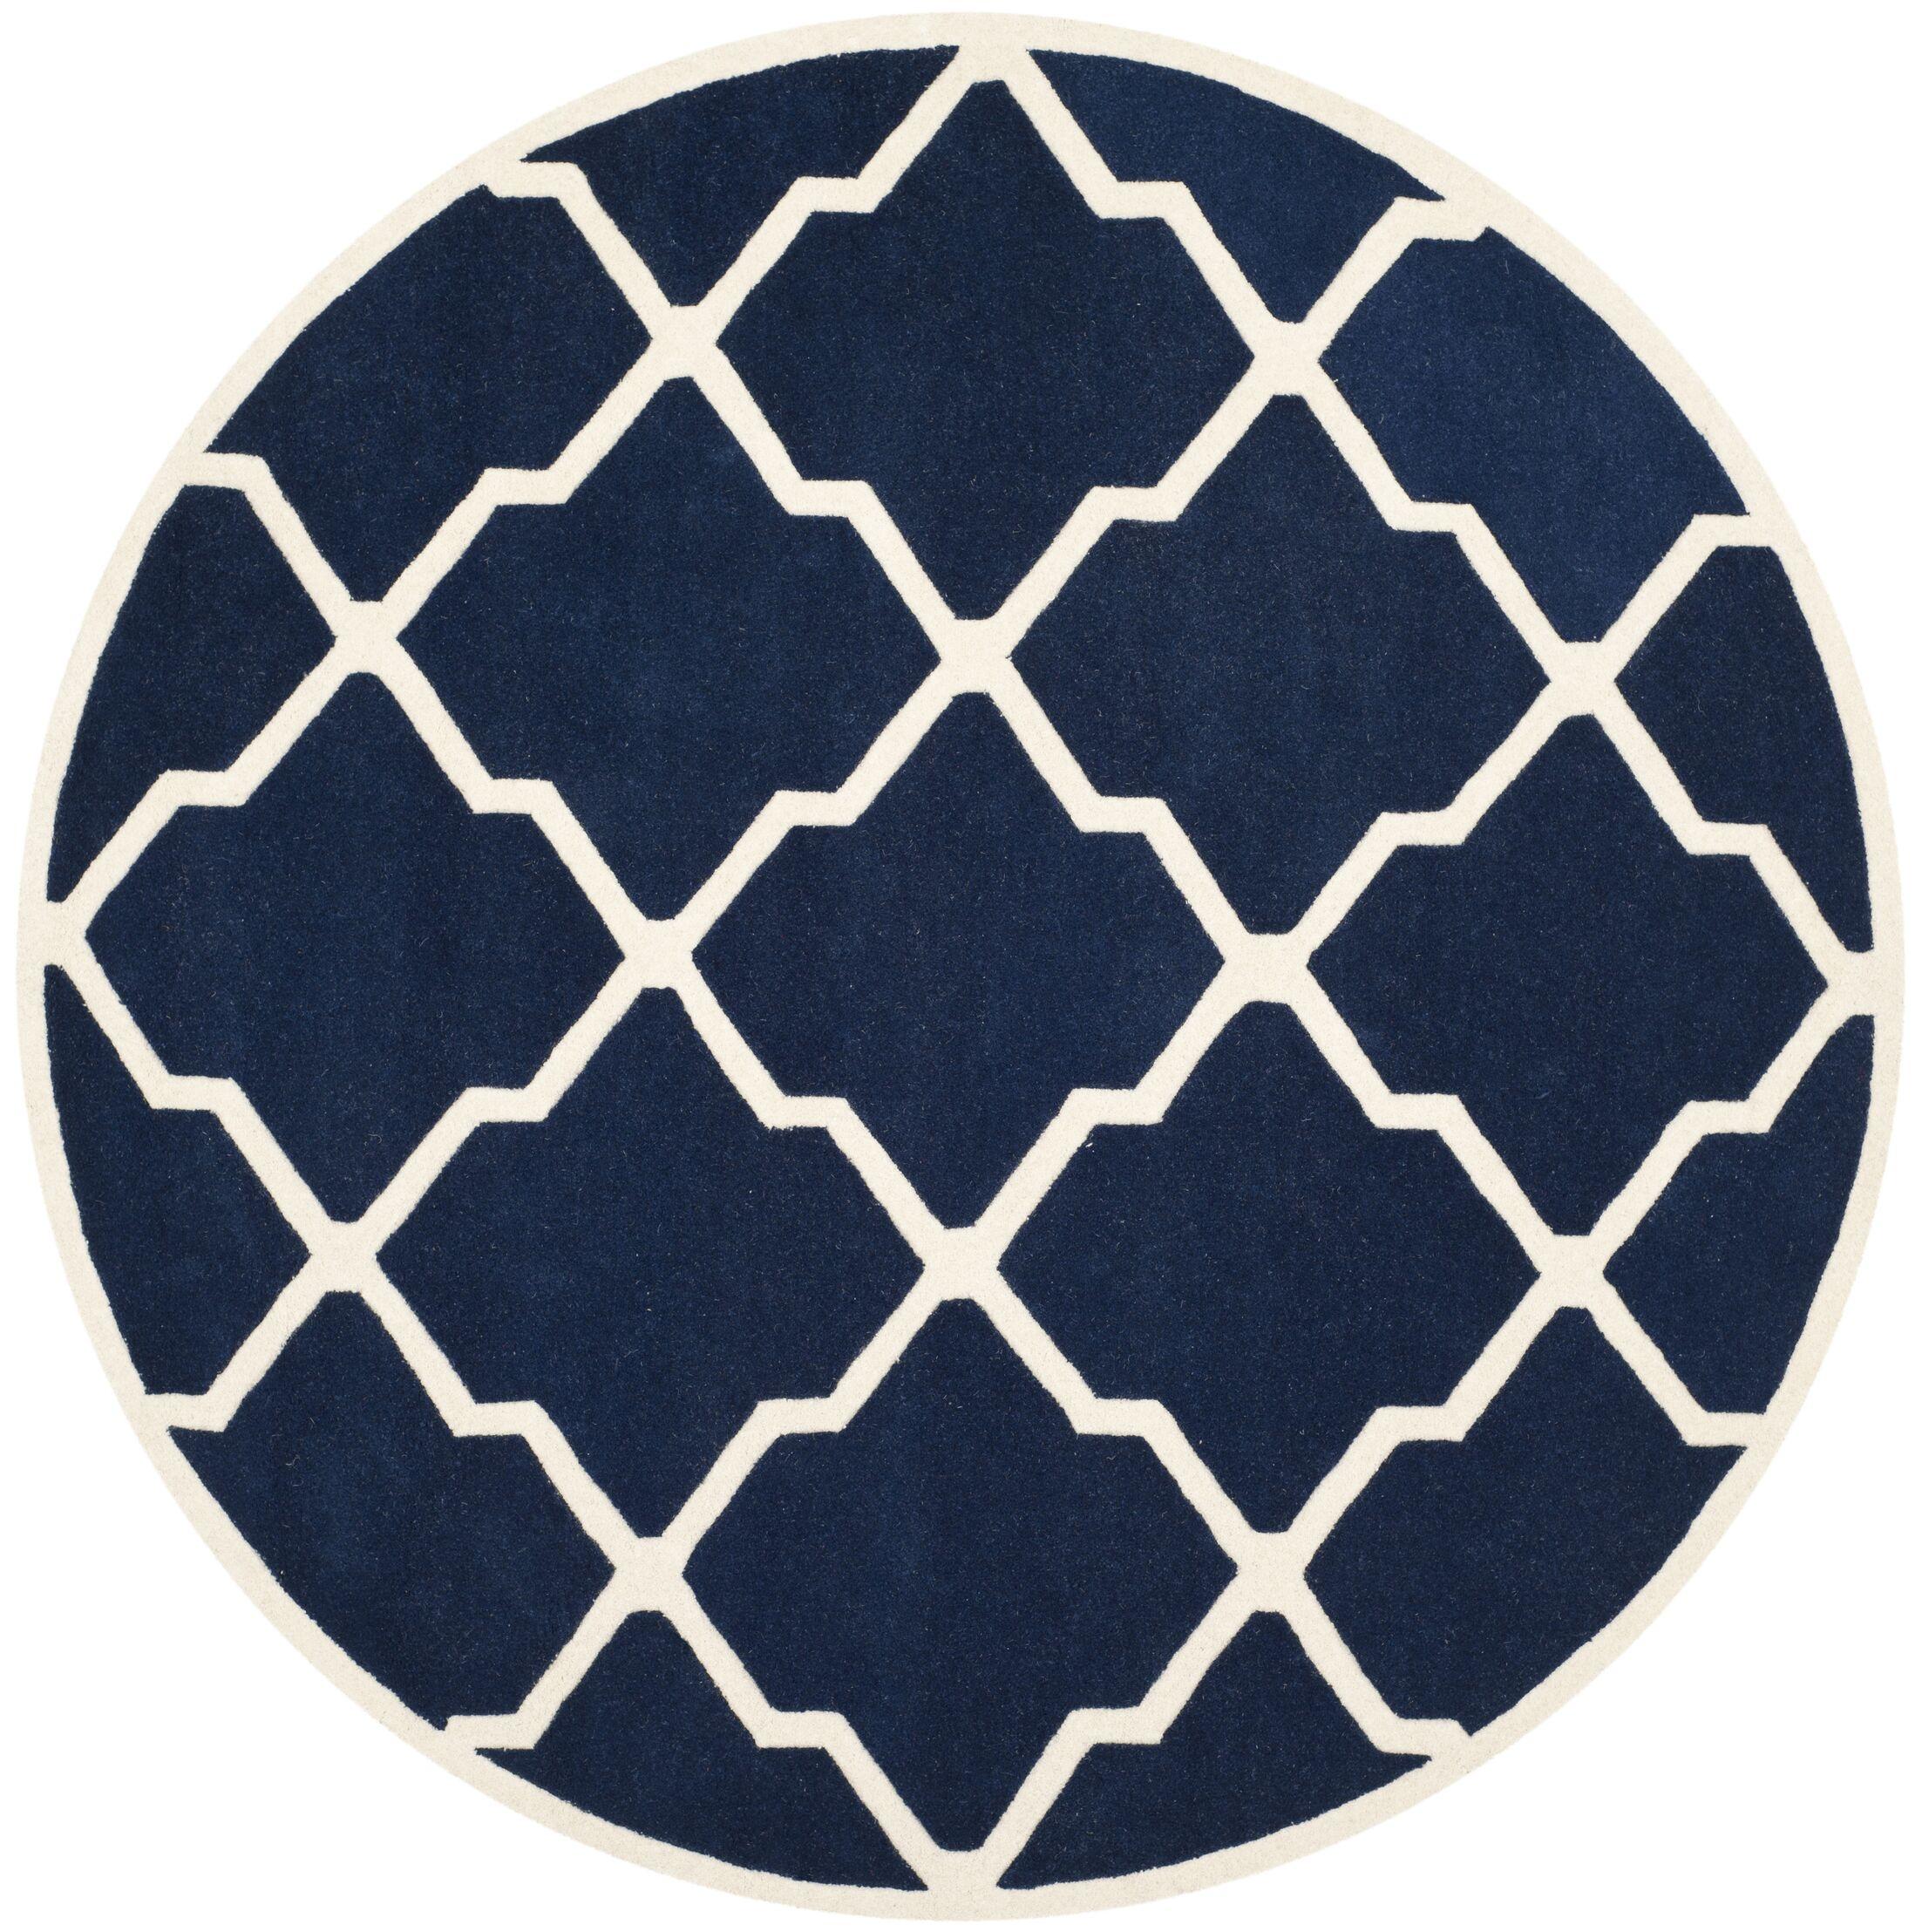 Wilkin Hand-Tufted Wool Dark Blue/Ivory Area Rug Rug Size: Round 7'